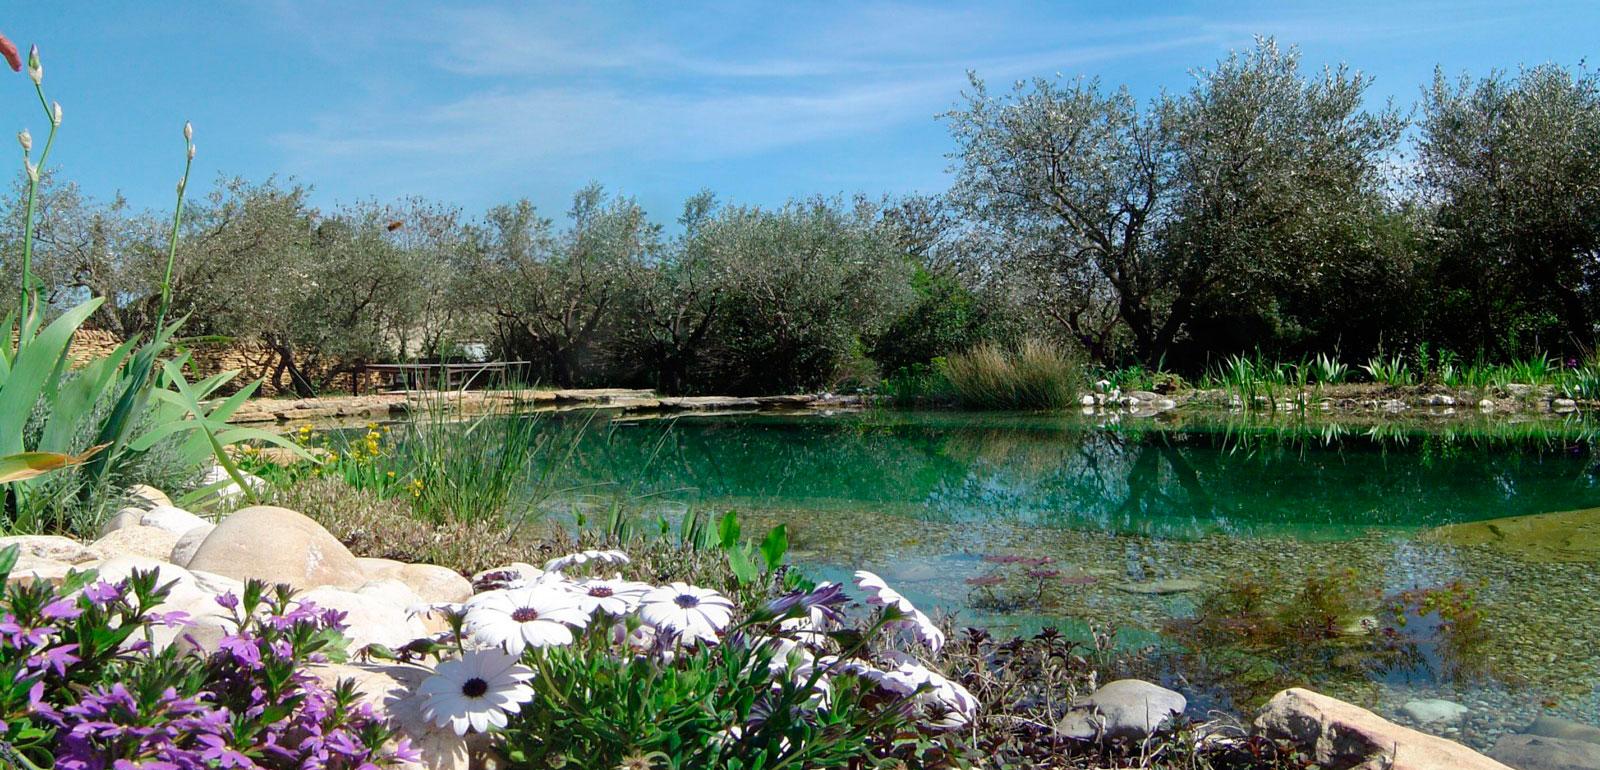 Las pozas de puebla de la sierra madrid bionova for Navafria piscinas naturales